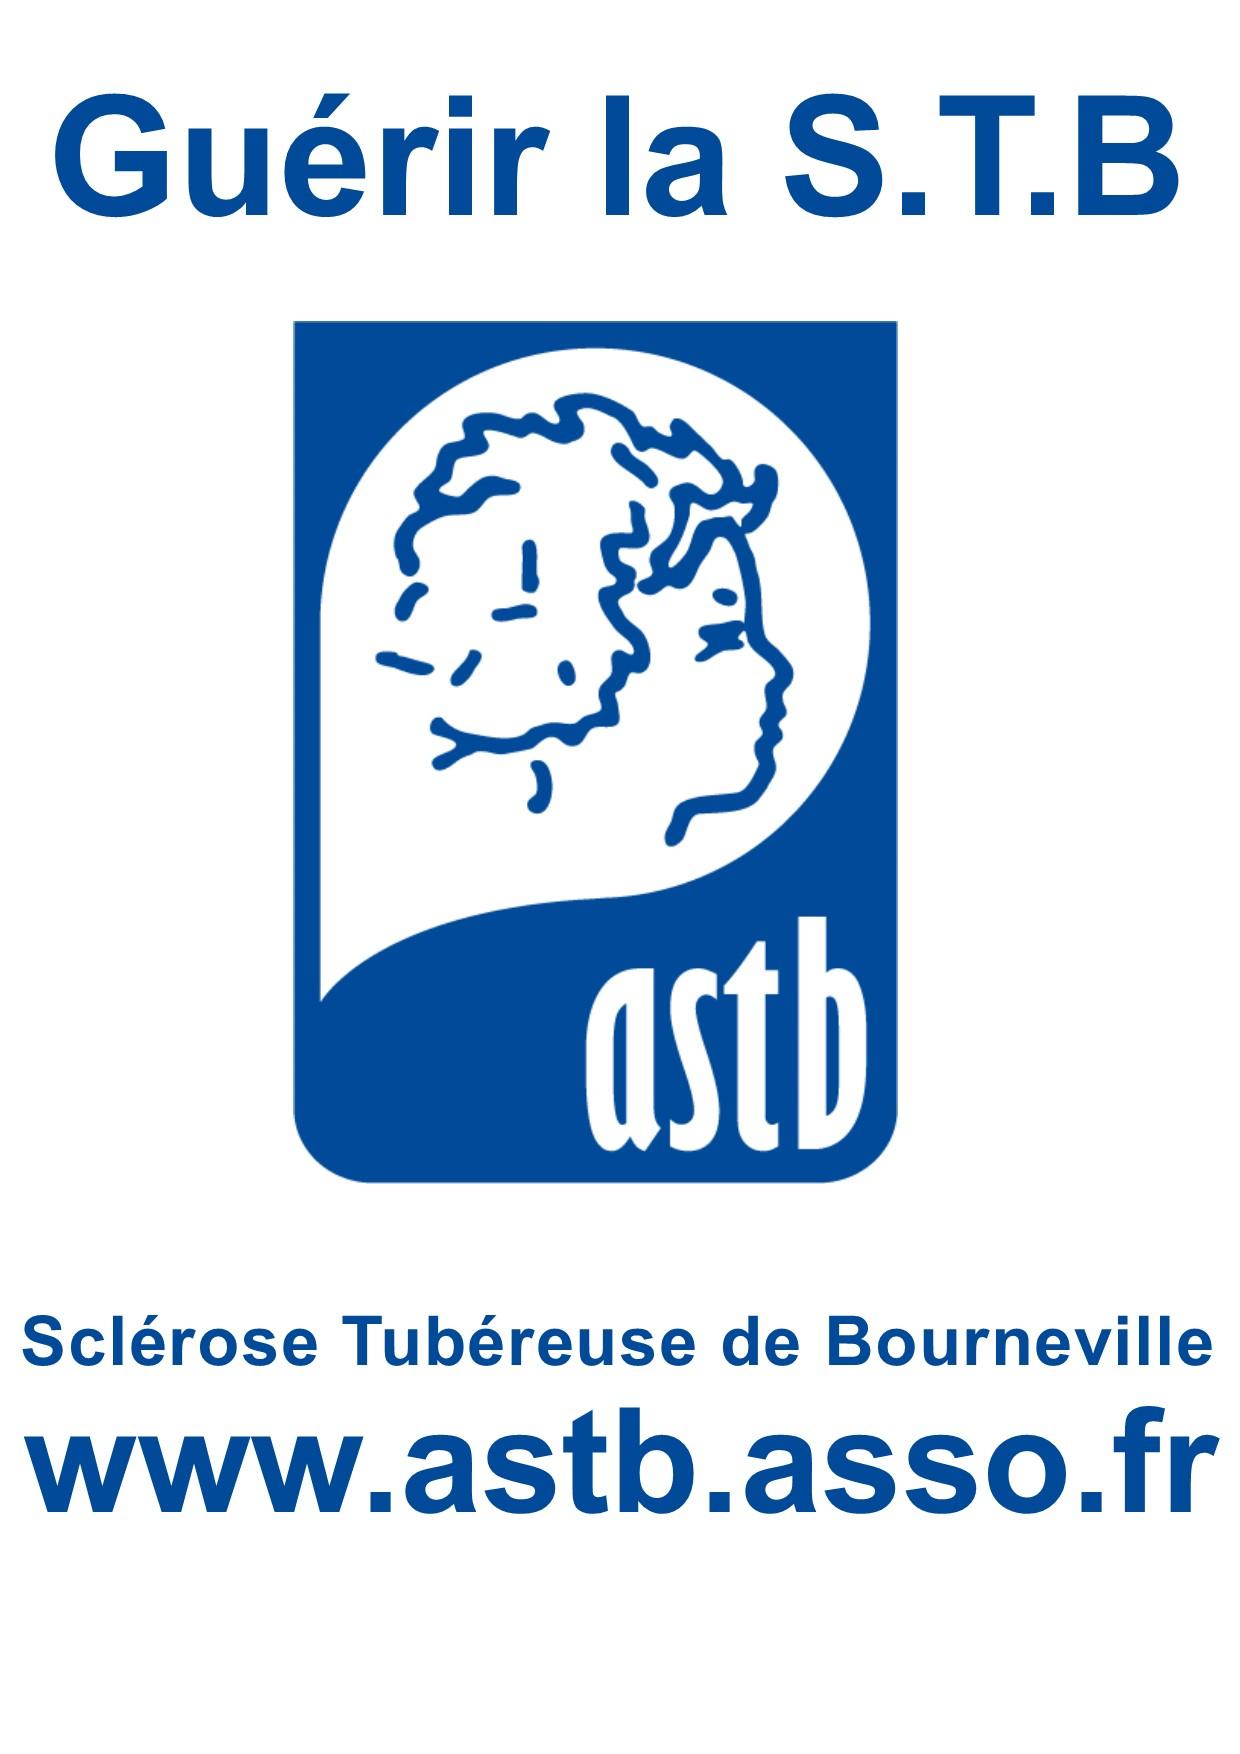 2015 09 Grérir la STB Paris Versailles Decathlon